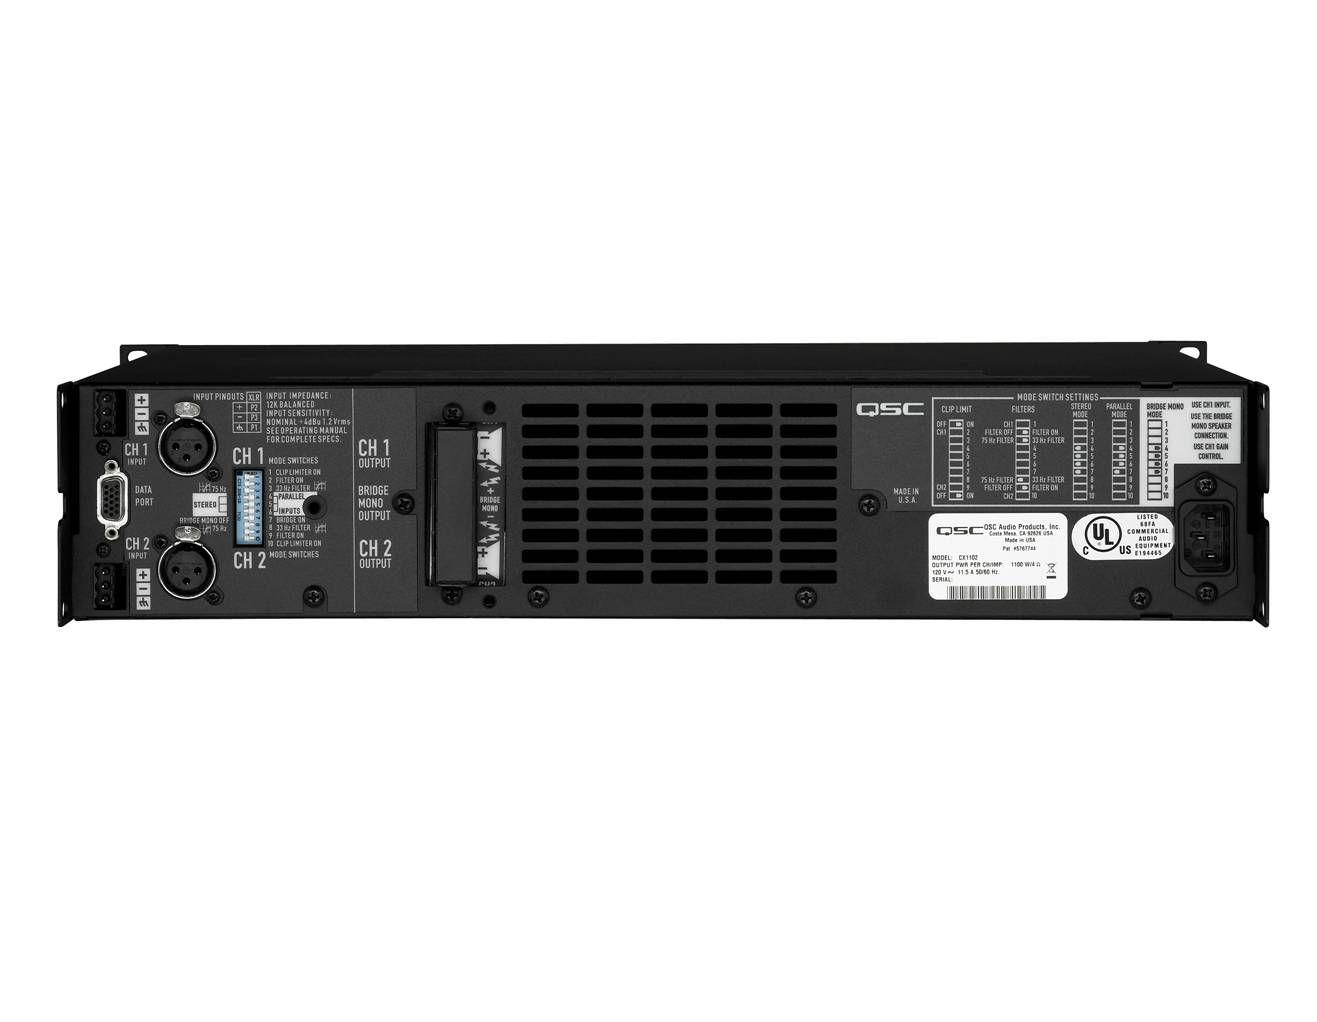 Qsc Cx302 Powerlight Install Amp 2x325w 4ohms 2x6002ohm 2u Bridged Wiring An 26002ohm